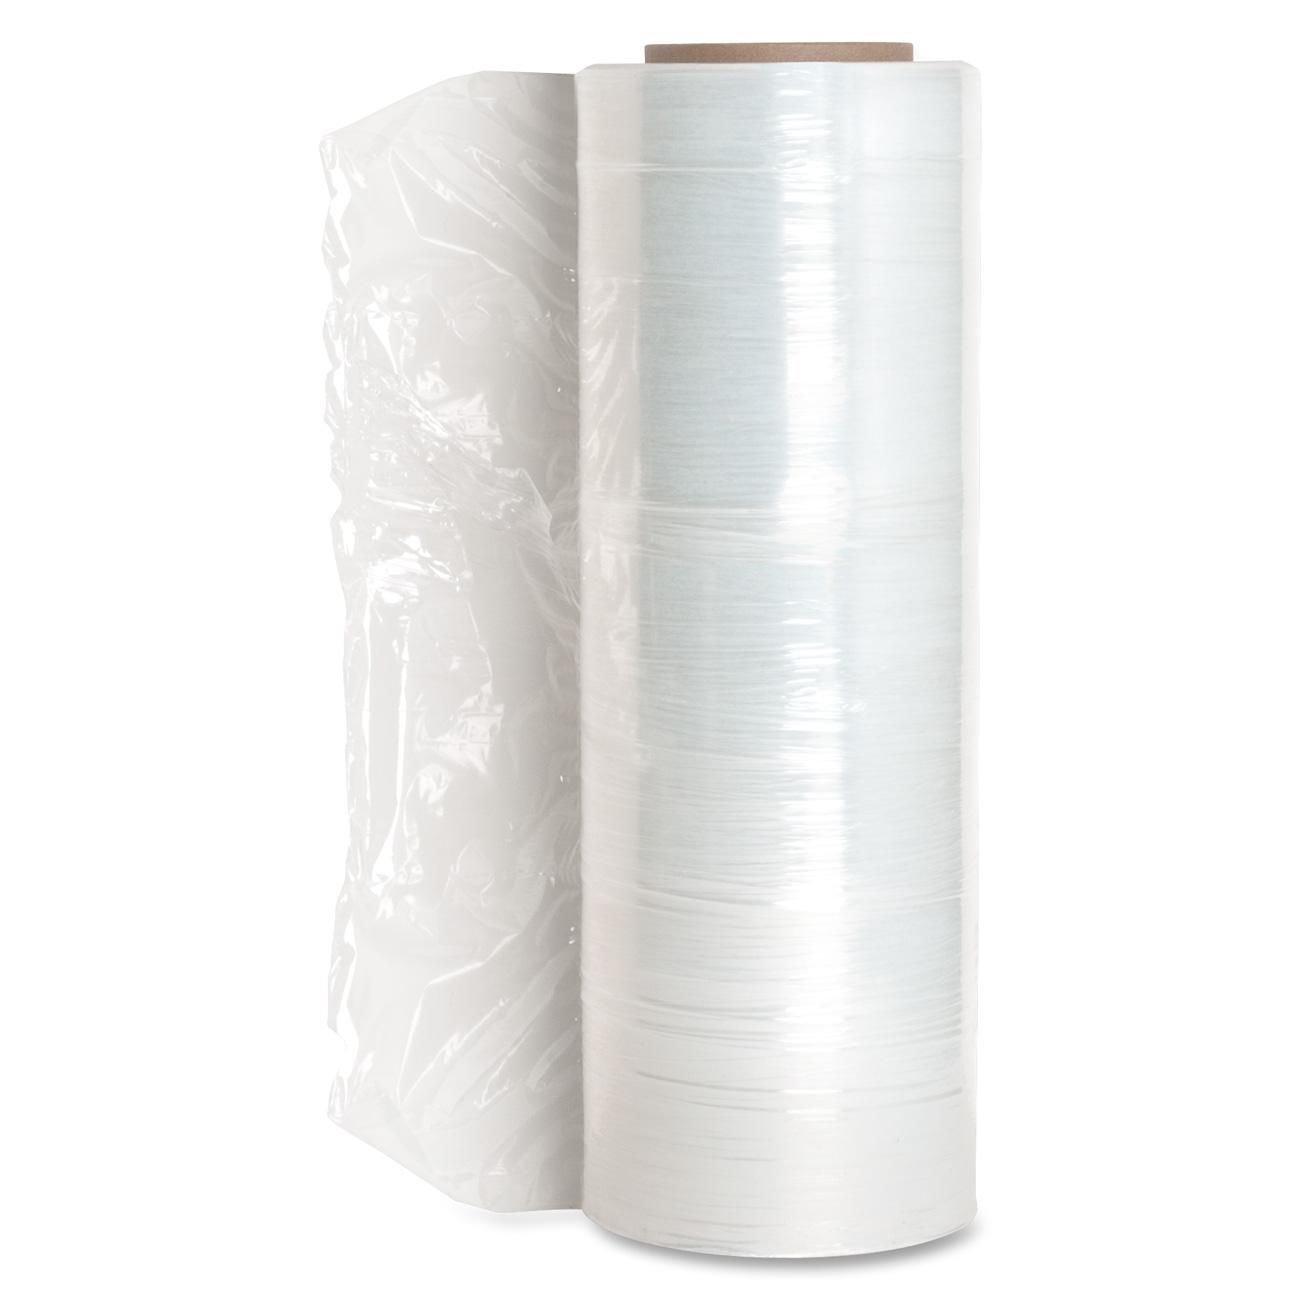 SPR56015 - Sparco Stretch Wrap Film